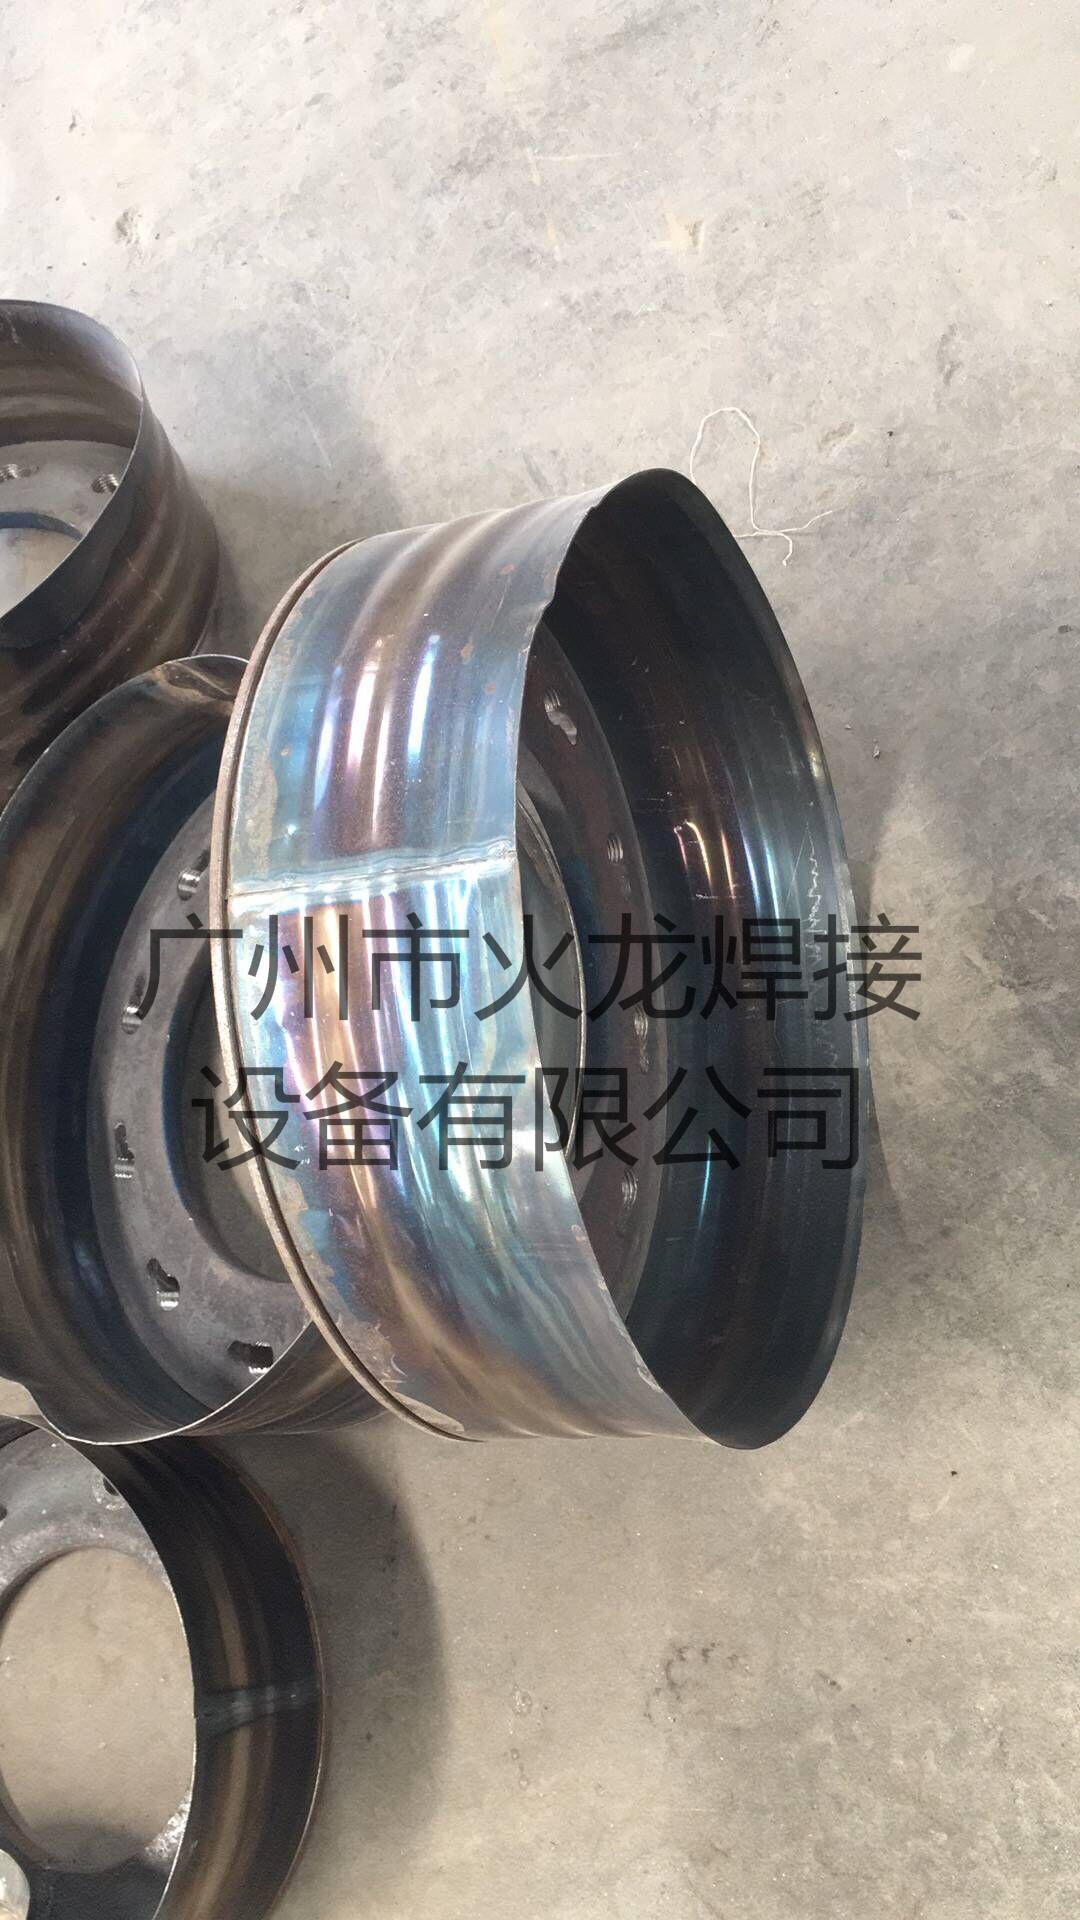 群板对焊机 管桩群板闪光对焊机 铁板 镀锌板 不锈钢板 天津 江苏 海南 广东管桩厂的闪光对焊机